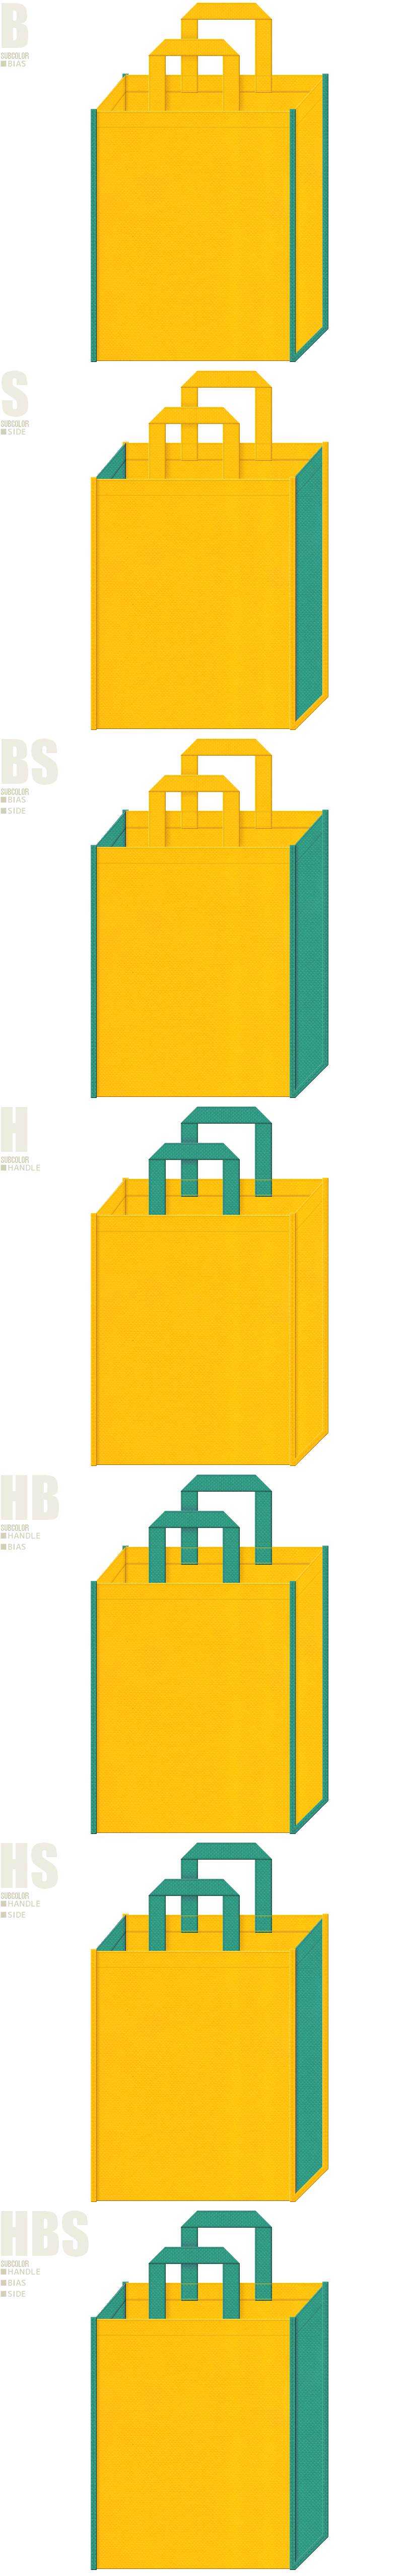 絵本・おとぎ話・おもちゃ・ゲーム・テーマパーク・信号機・交通安全・レッスンバッグ・通園バッグ・キッズイベントにお奨めの不織布バッグデザイン:黄色と青緑色の配色7パターン